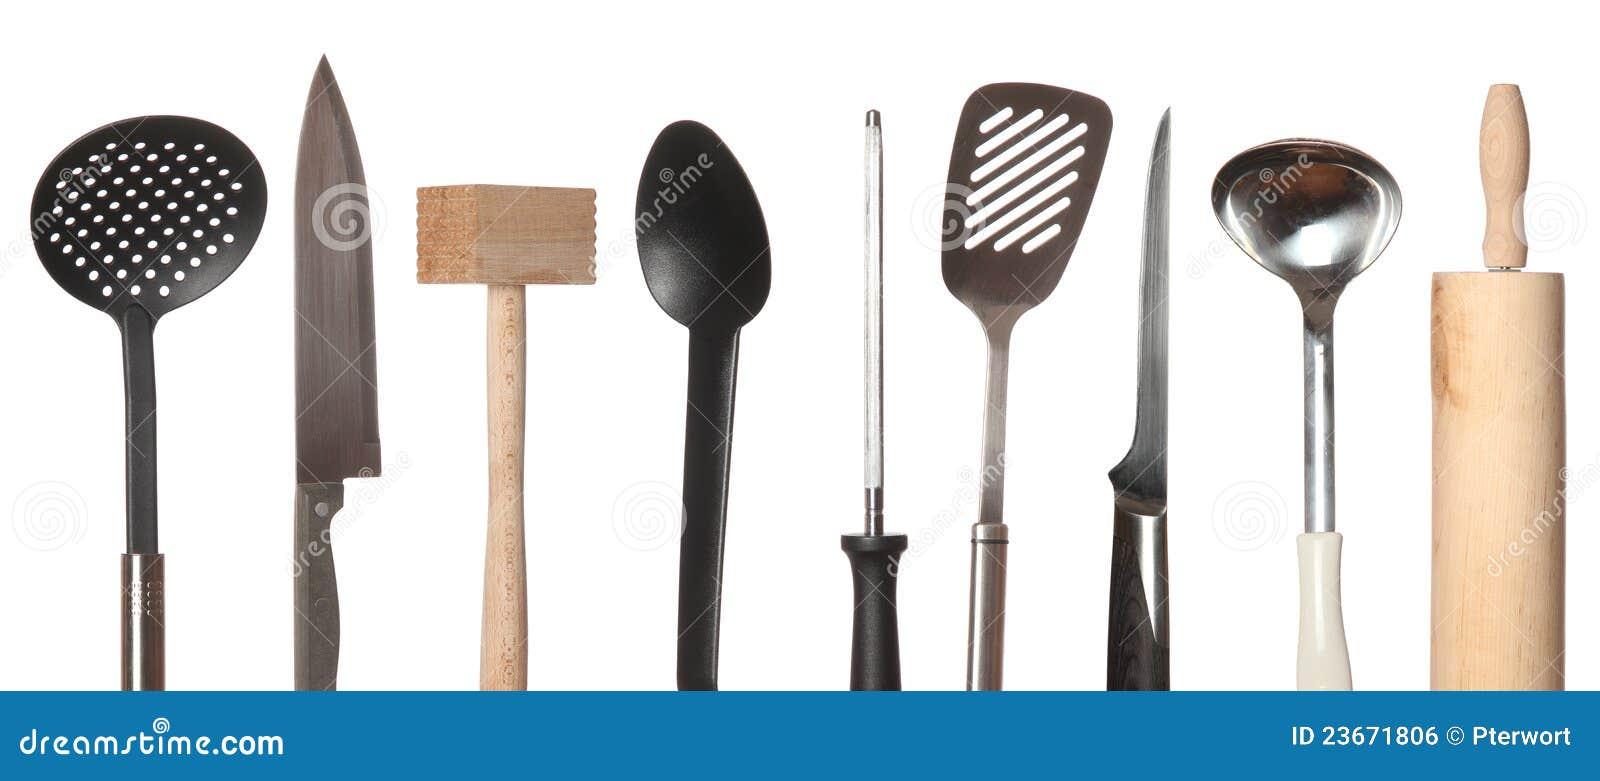 Conjunto de utensilios de cocina imagen de archivo libre for Utensilios cocina